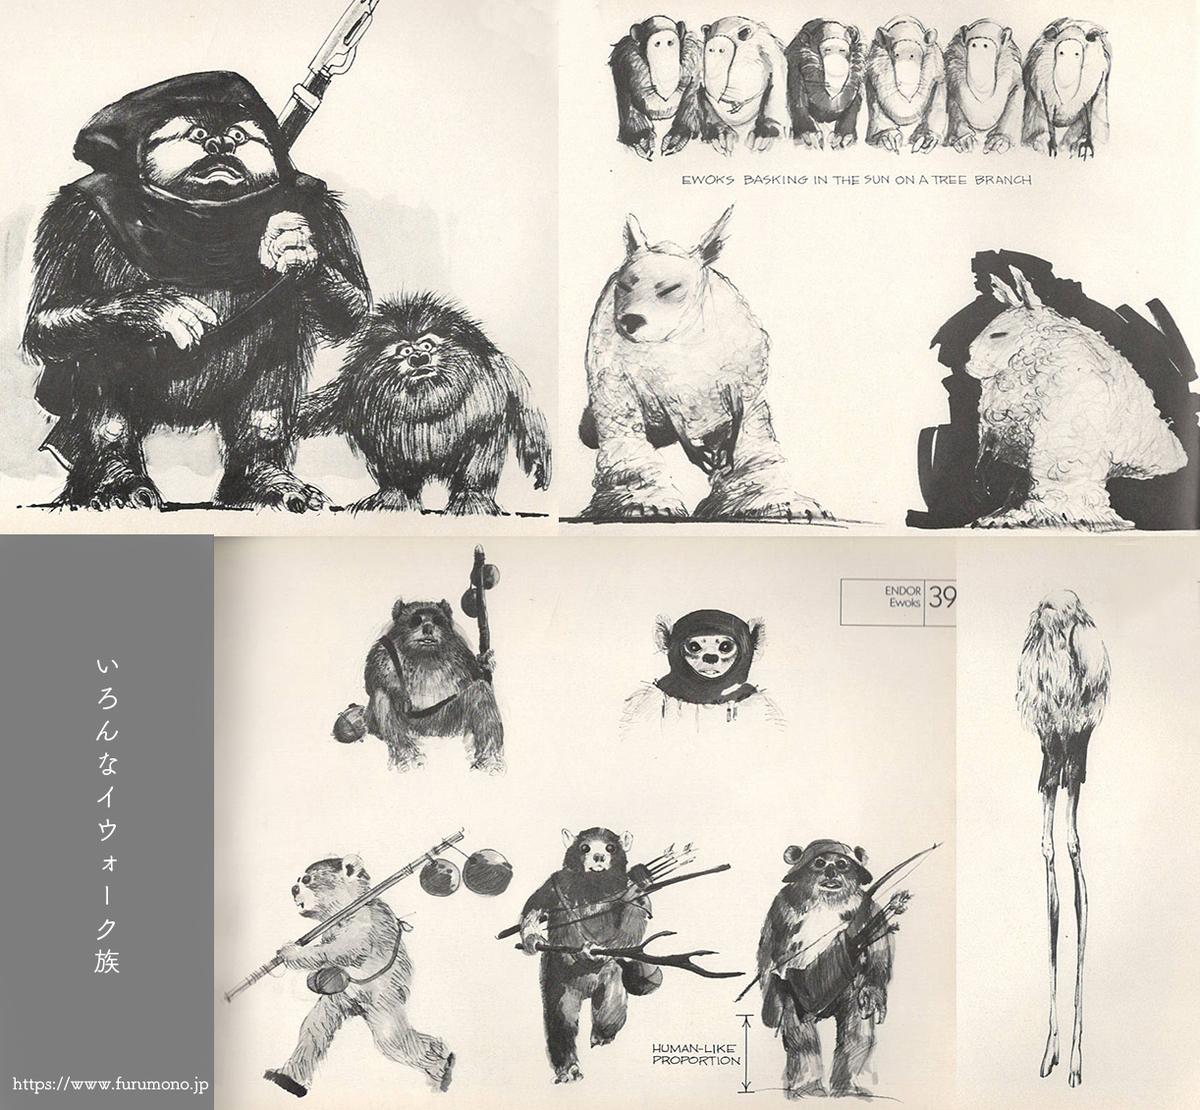 スターウォーズのスケッチブック本のイウォーク族のデザイン画